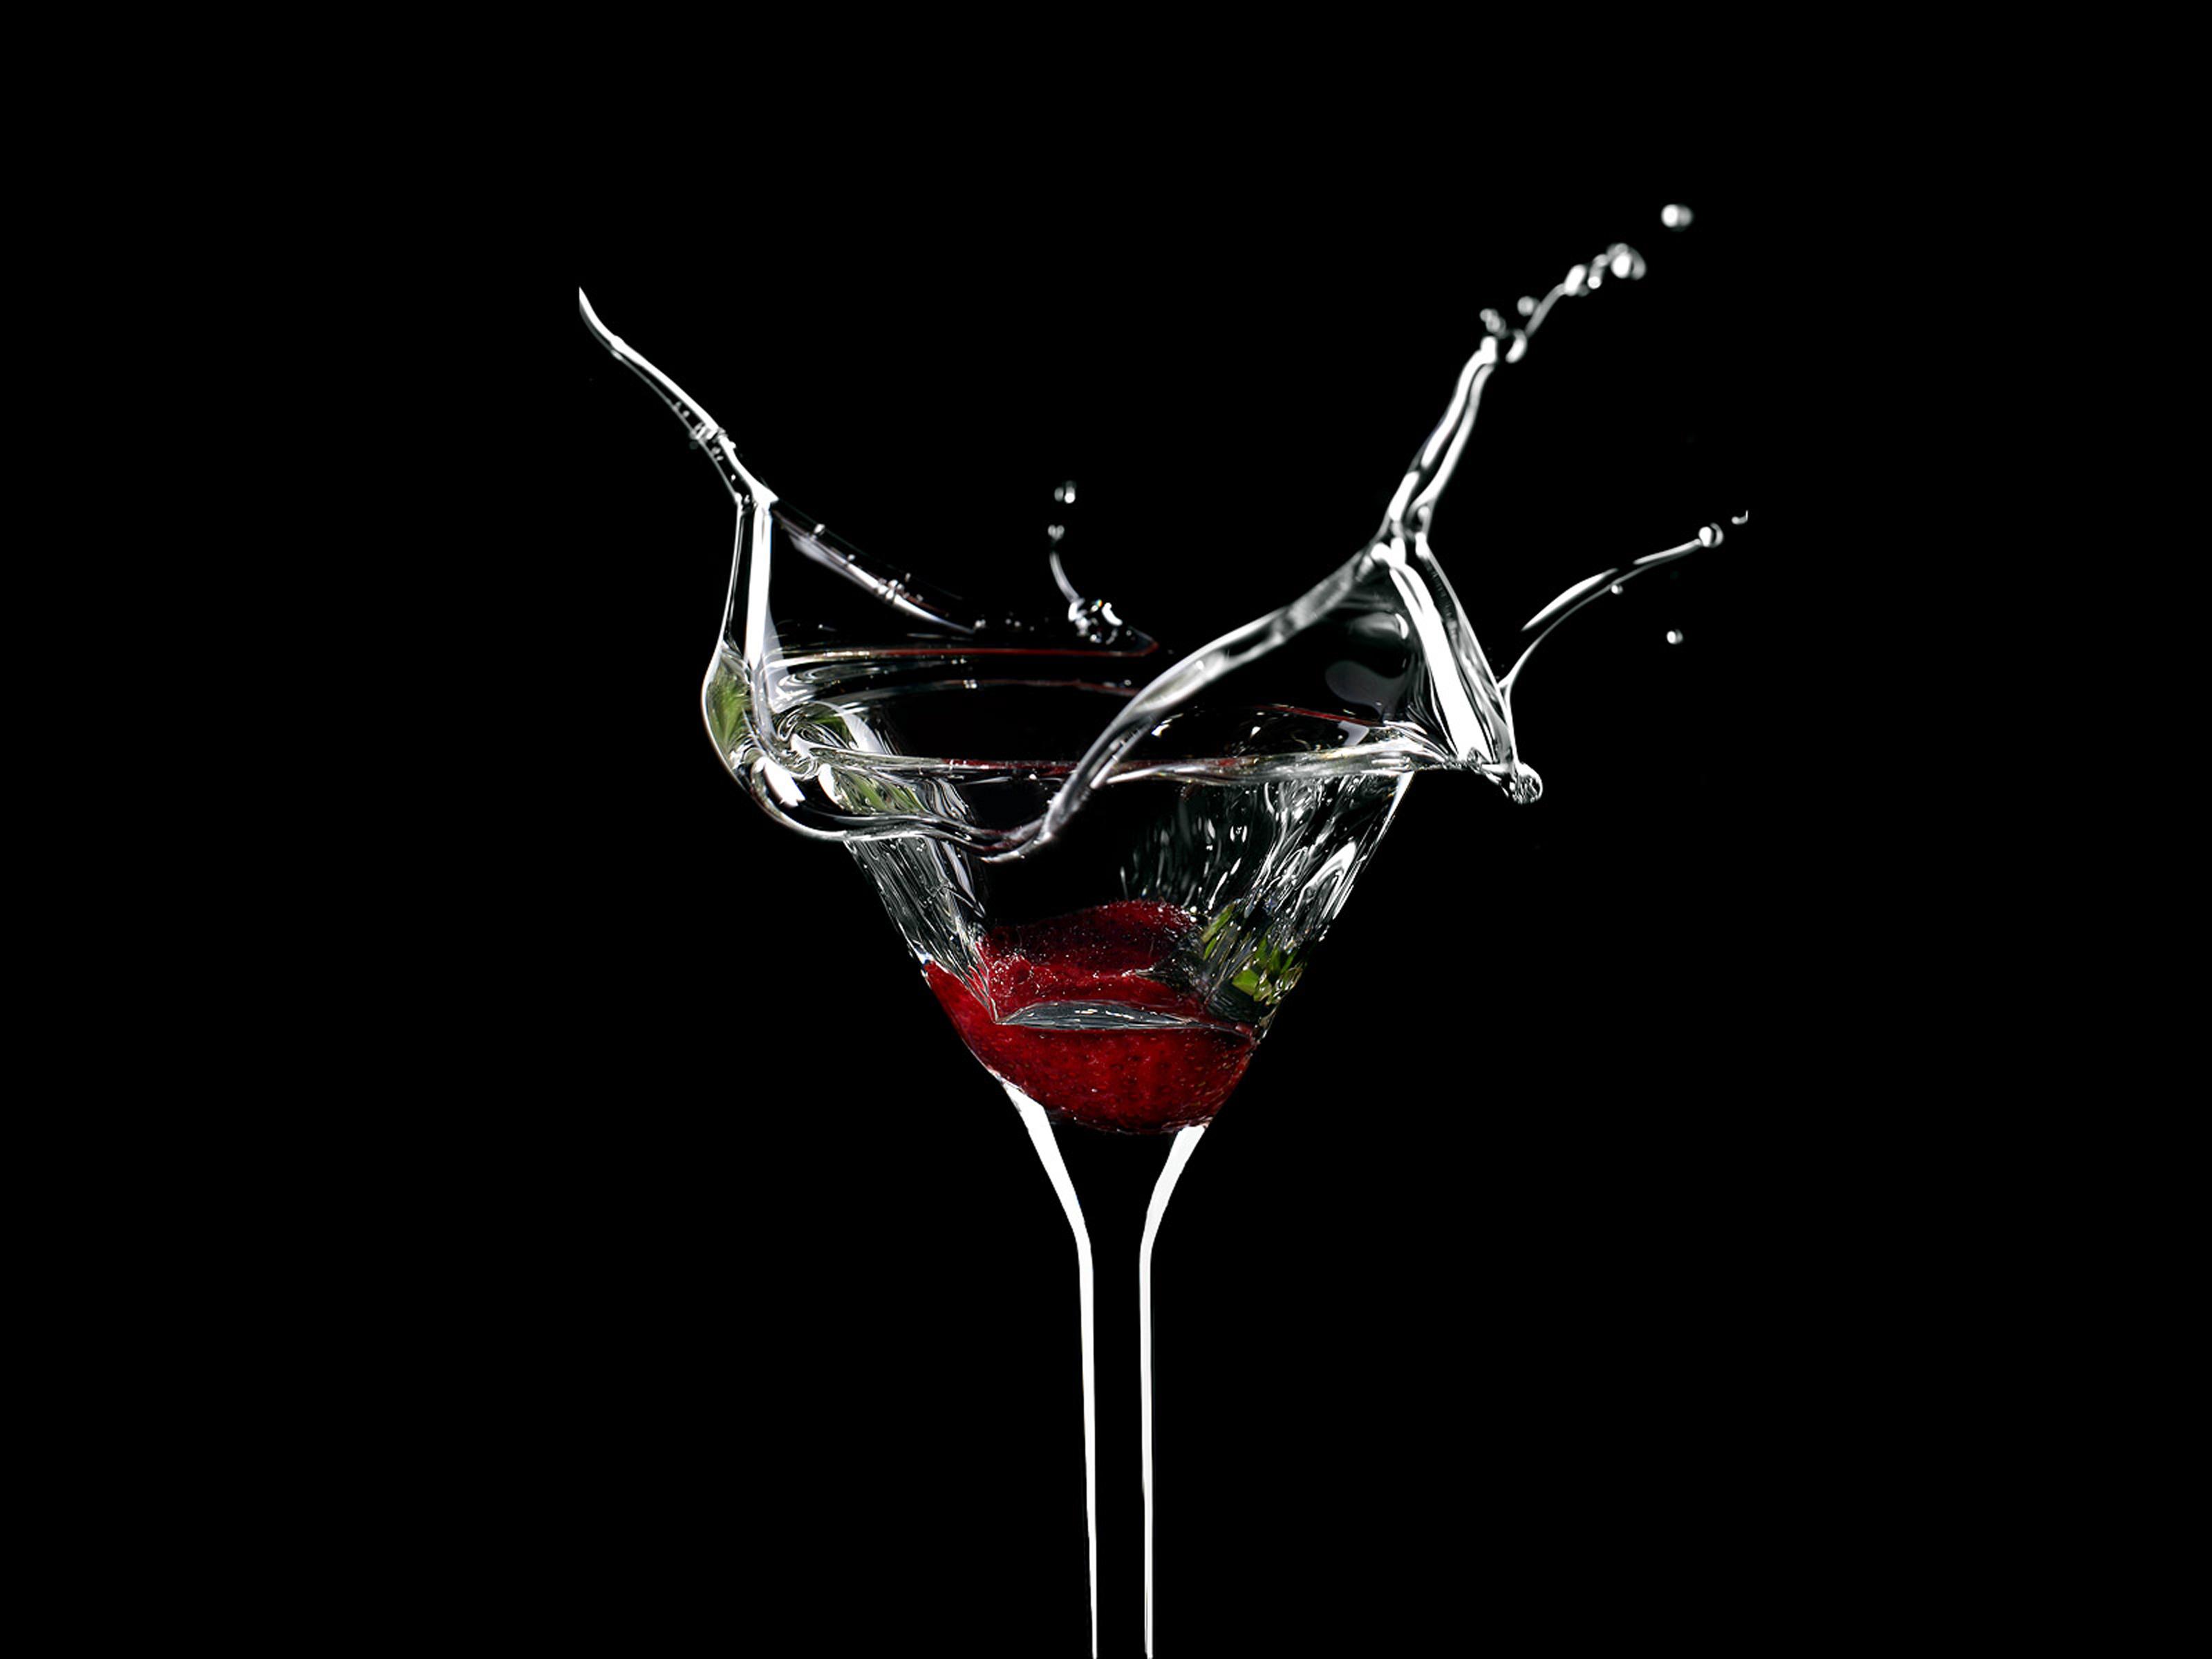 стакан воды скачать